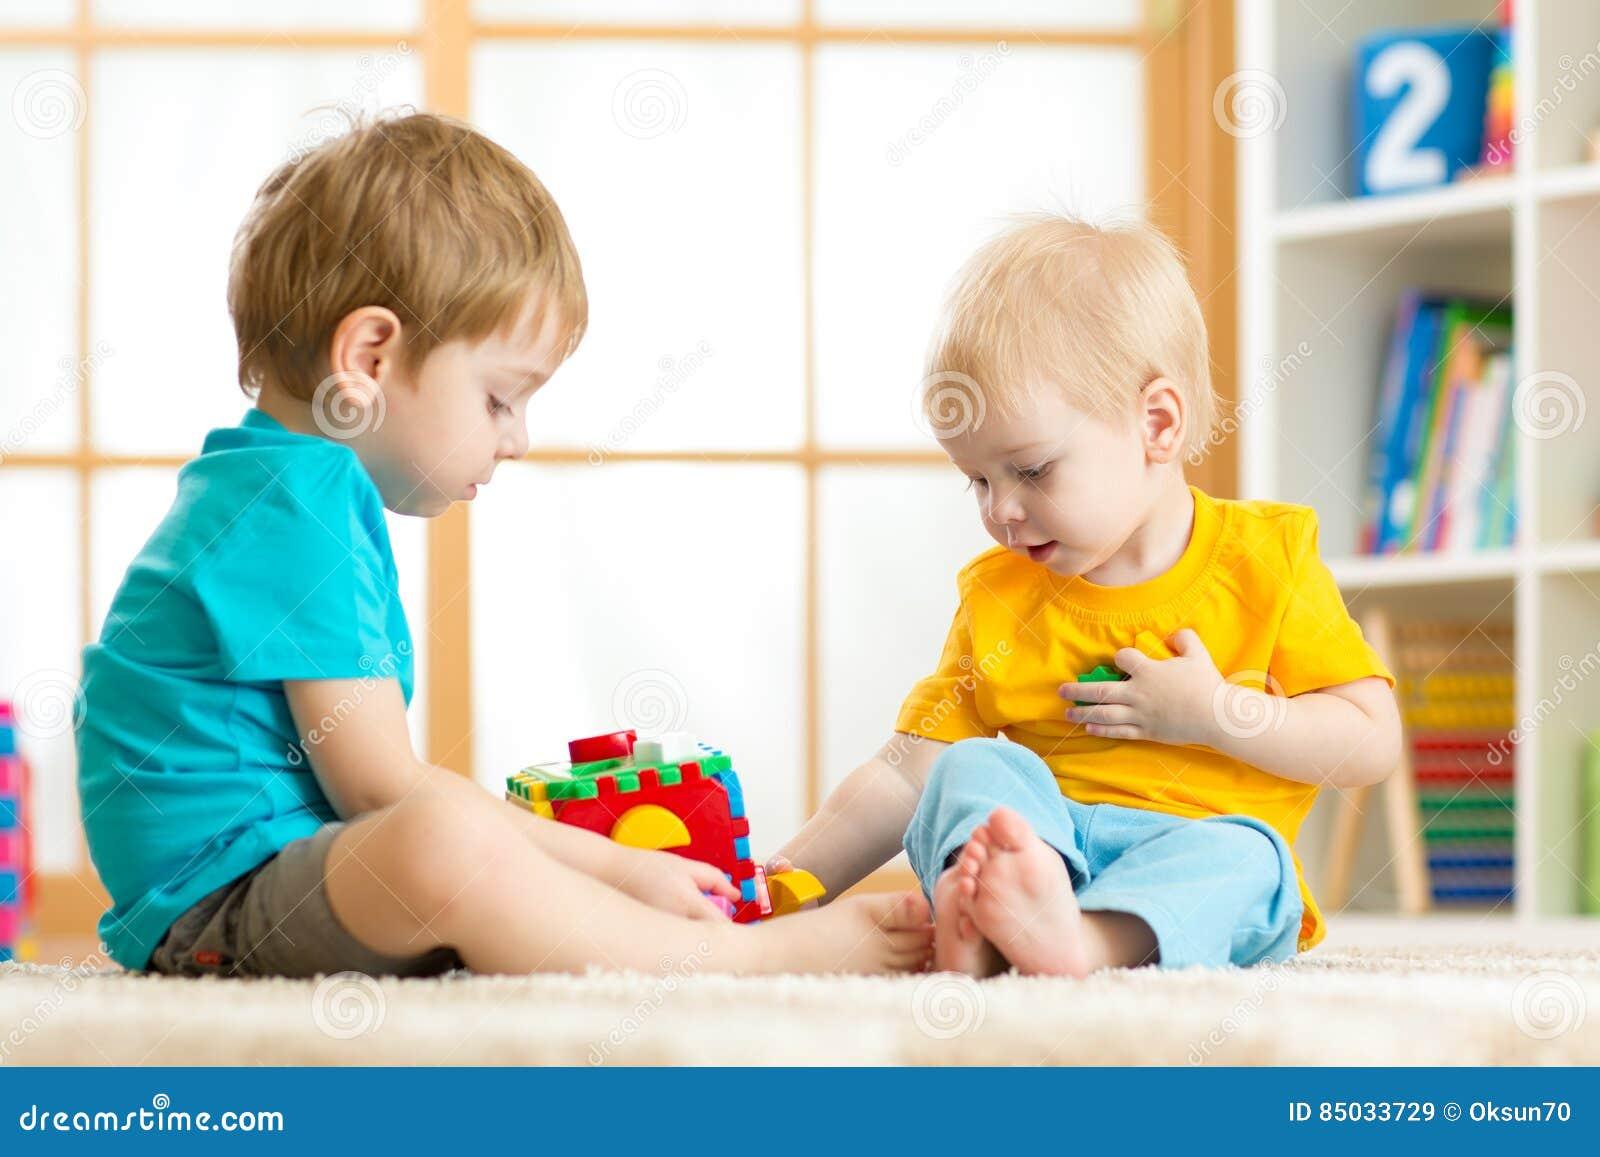 Muchachos del preescolar del niño de los niños que juegan el juguete lógico que aprende formas y colores en casa o cuarto de niño